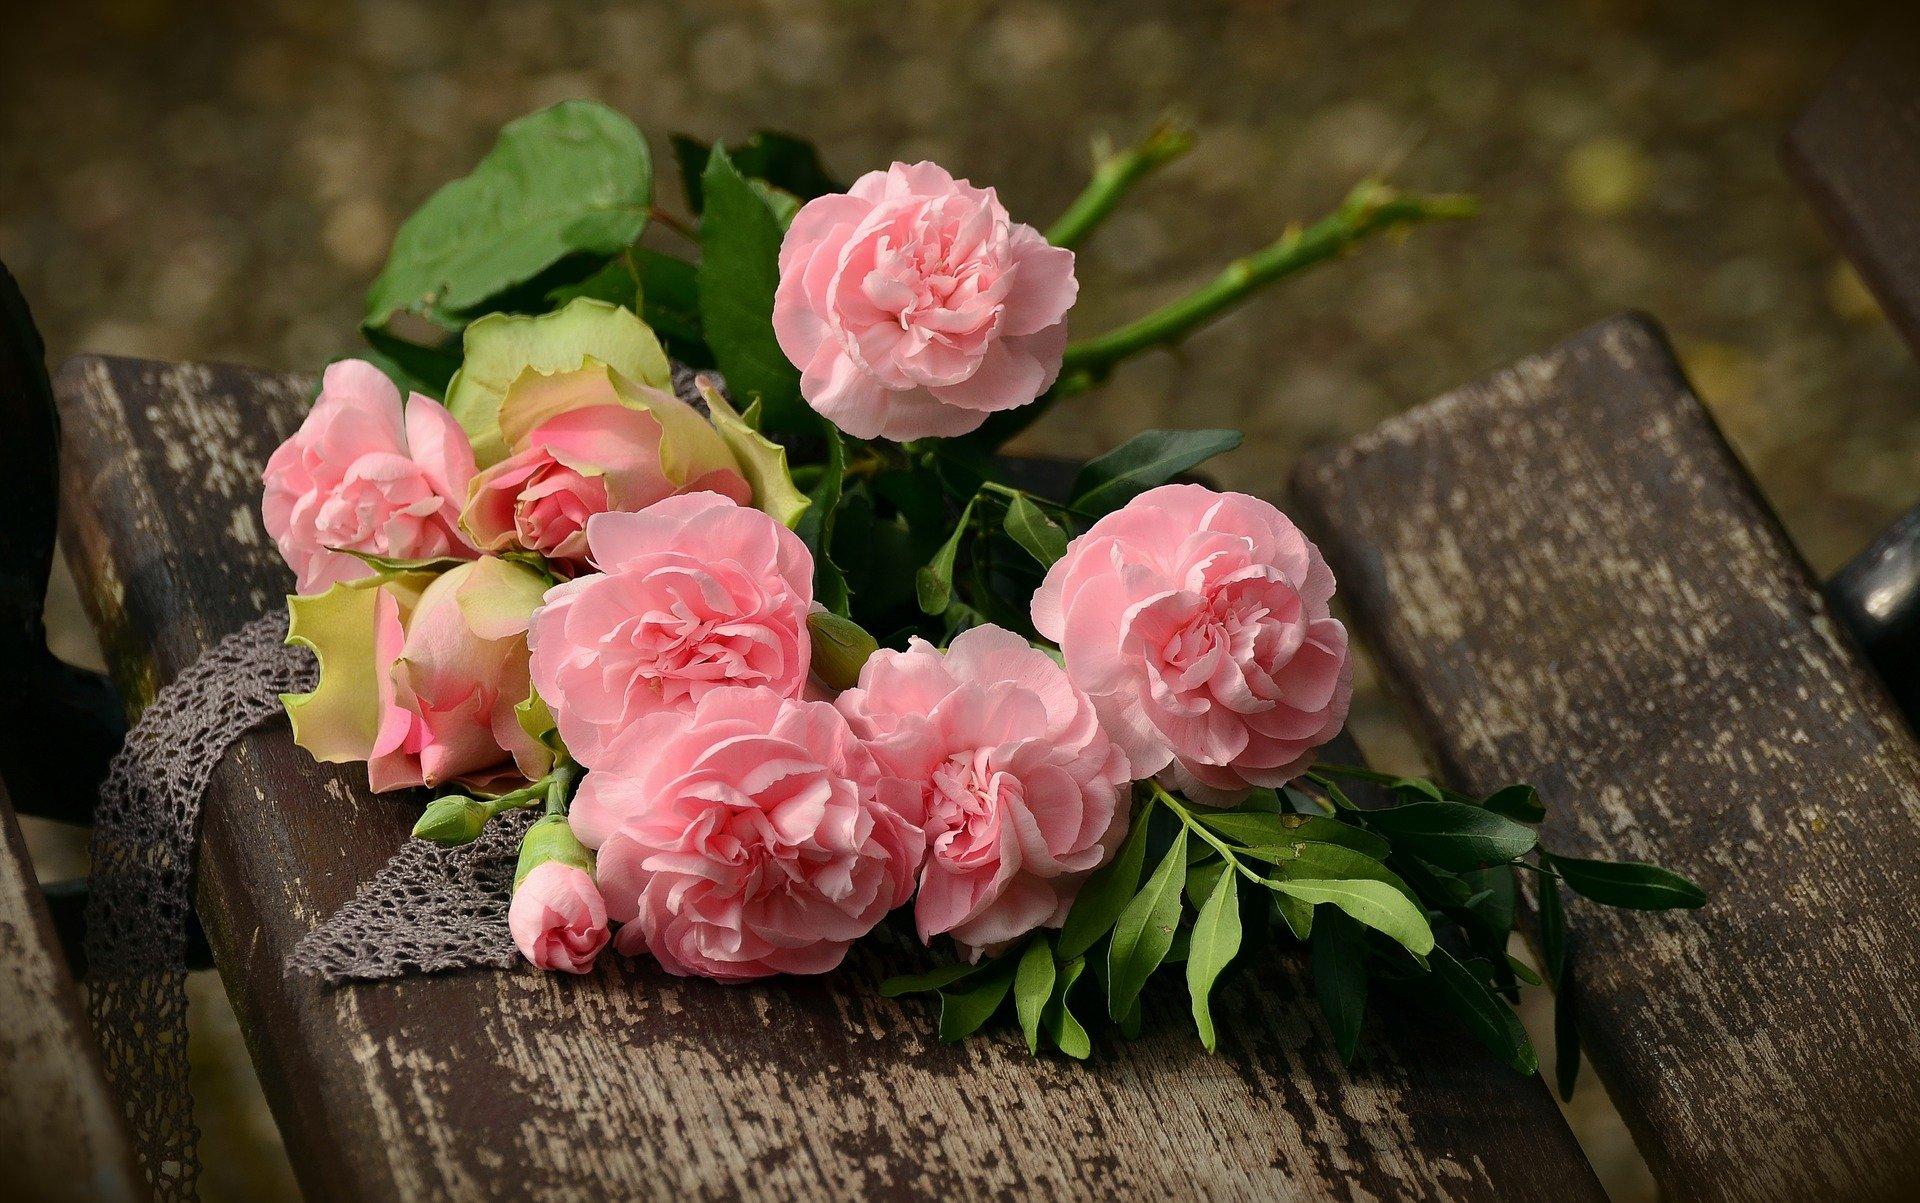 男性にプレゼントする花束